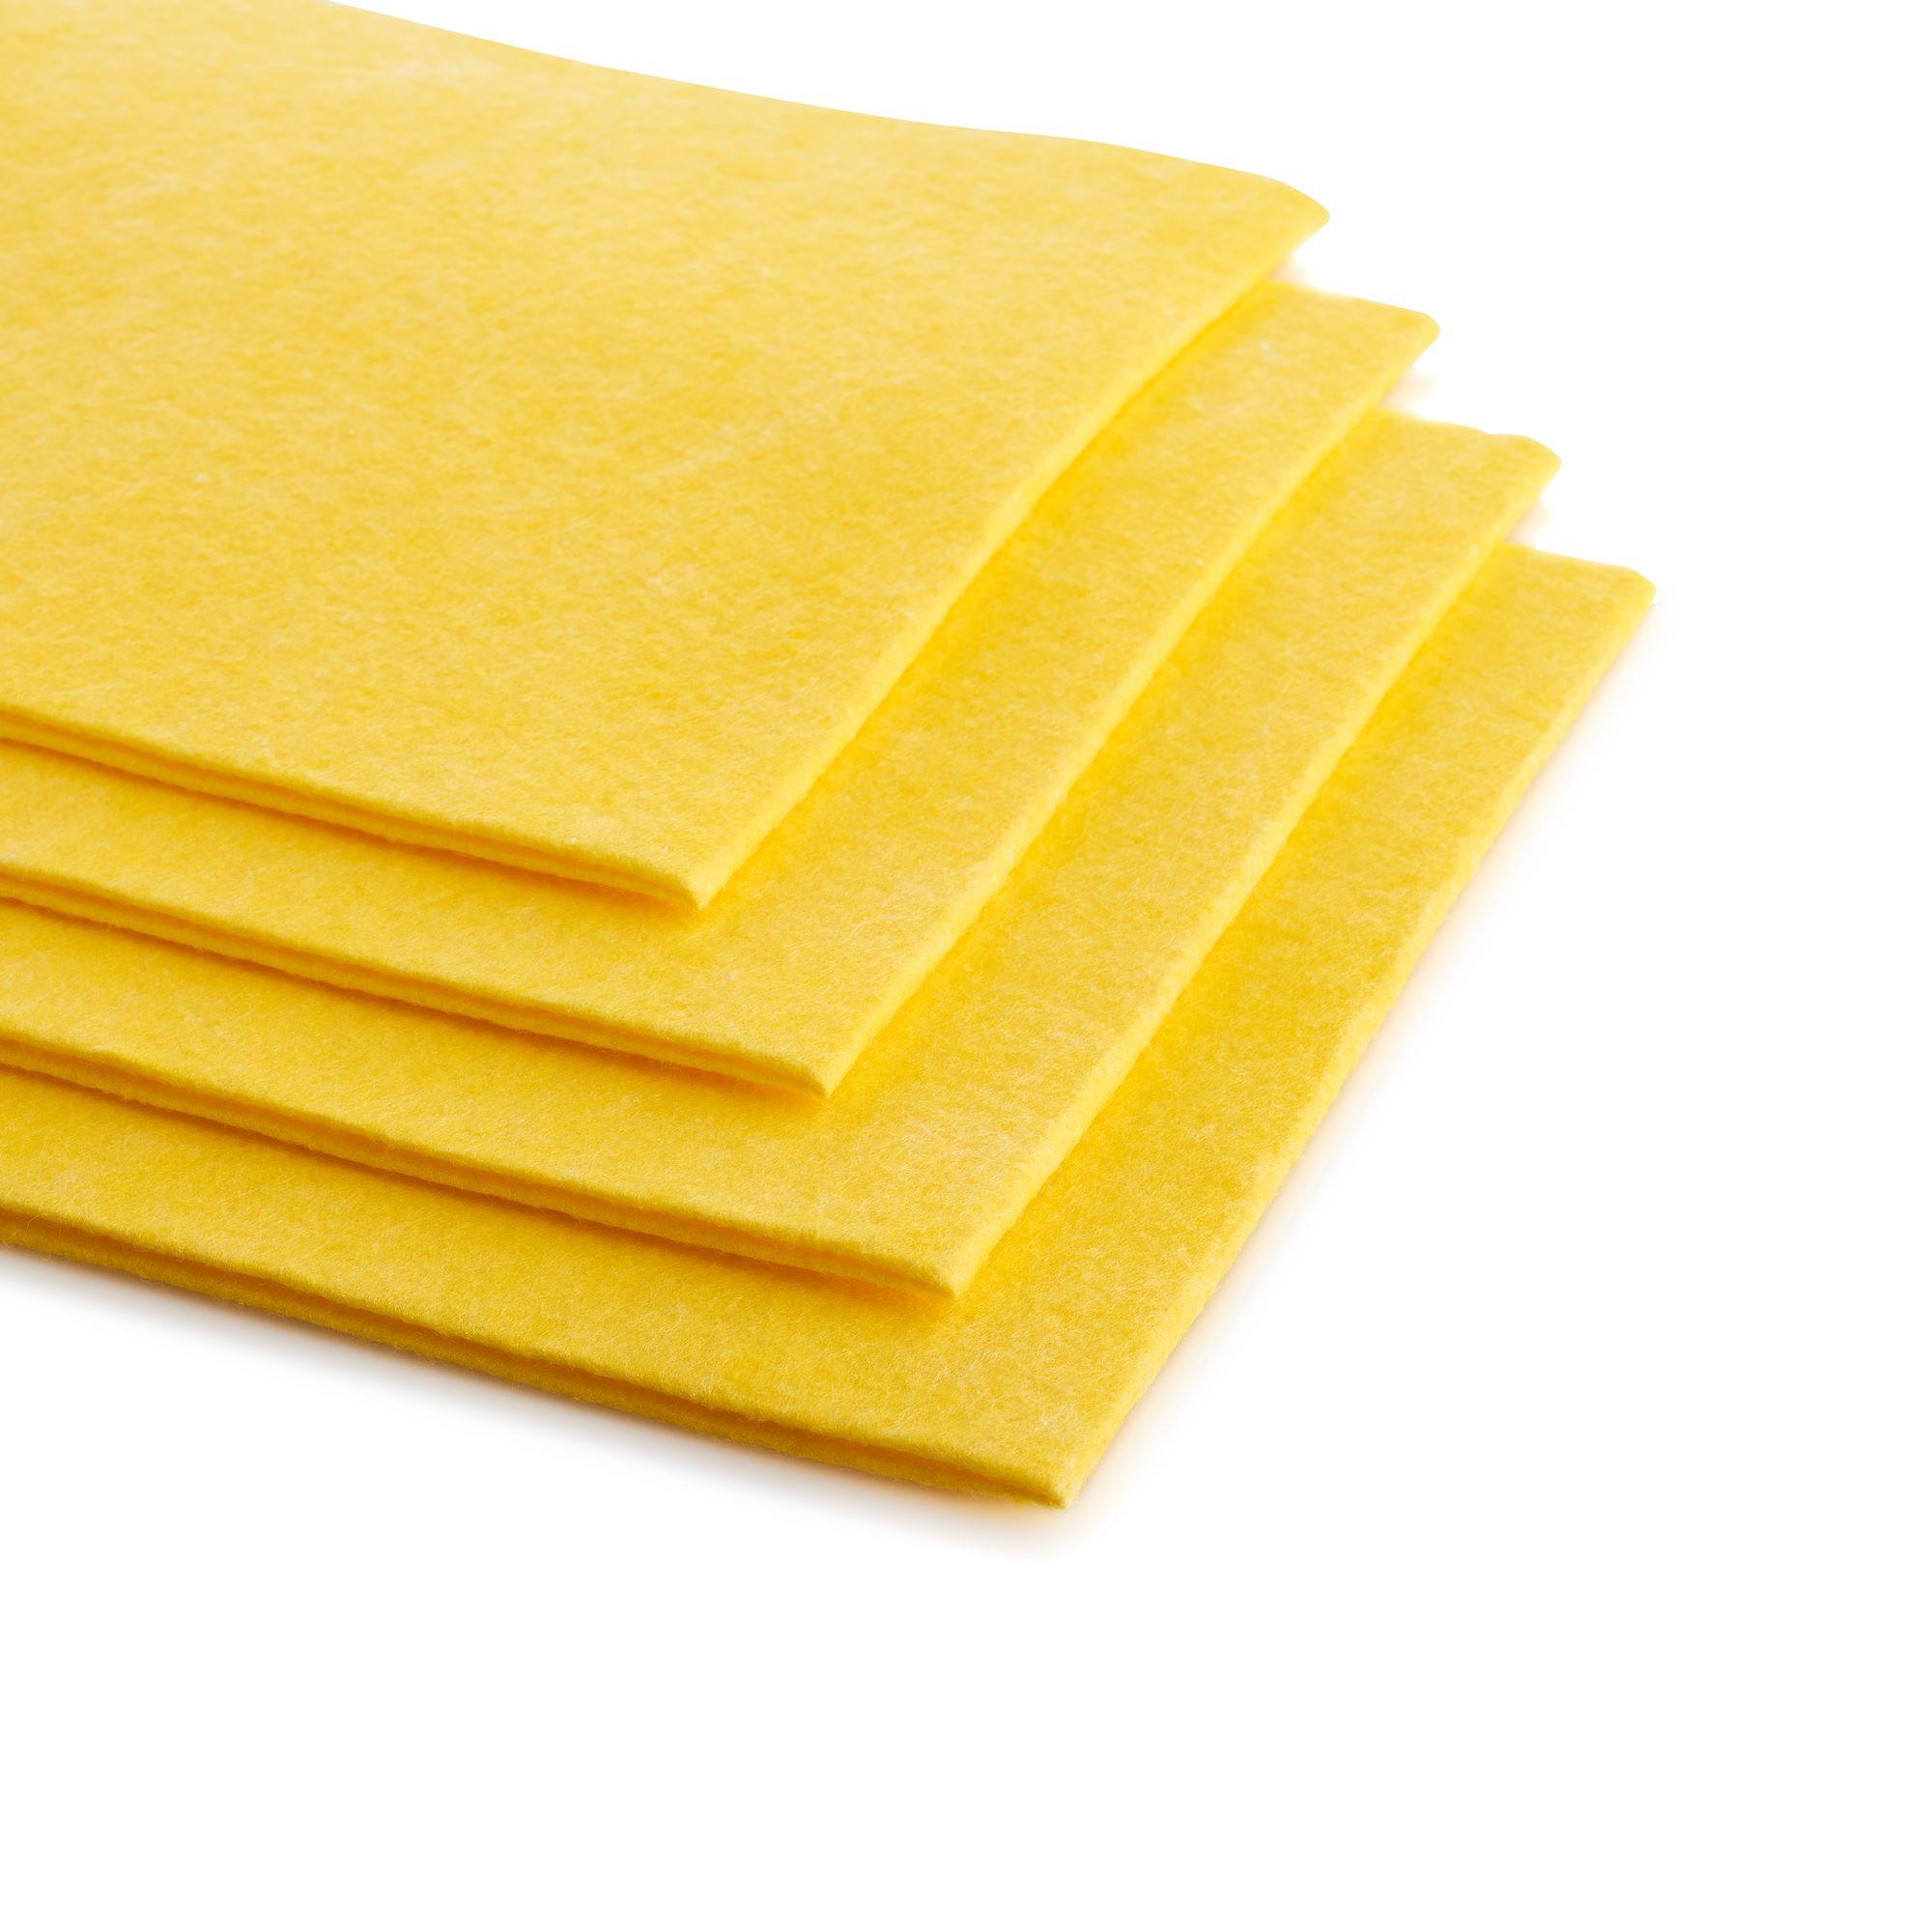 Wischtuch - gelb